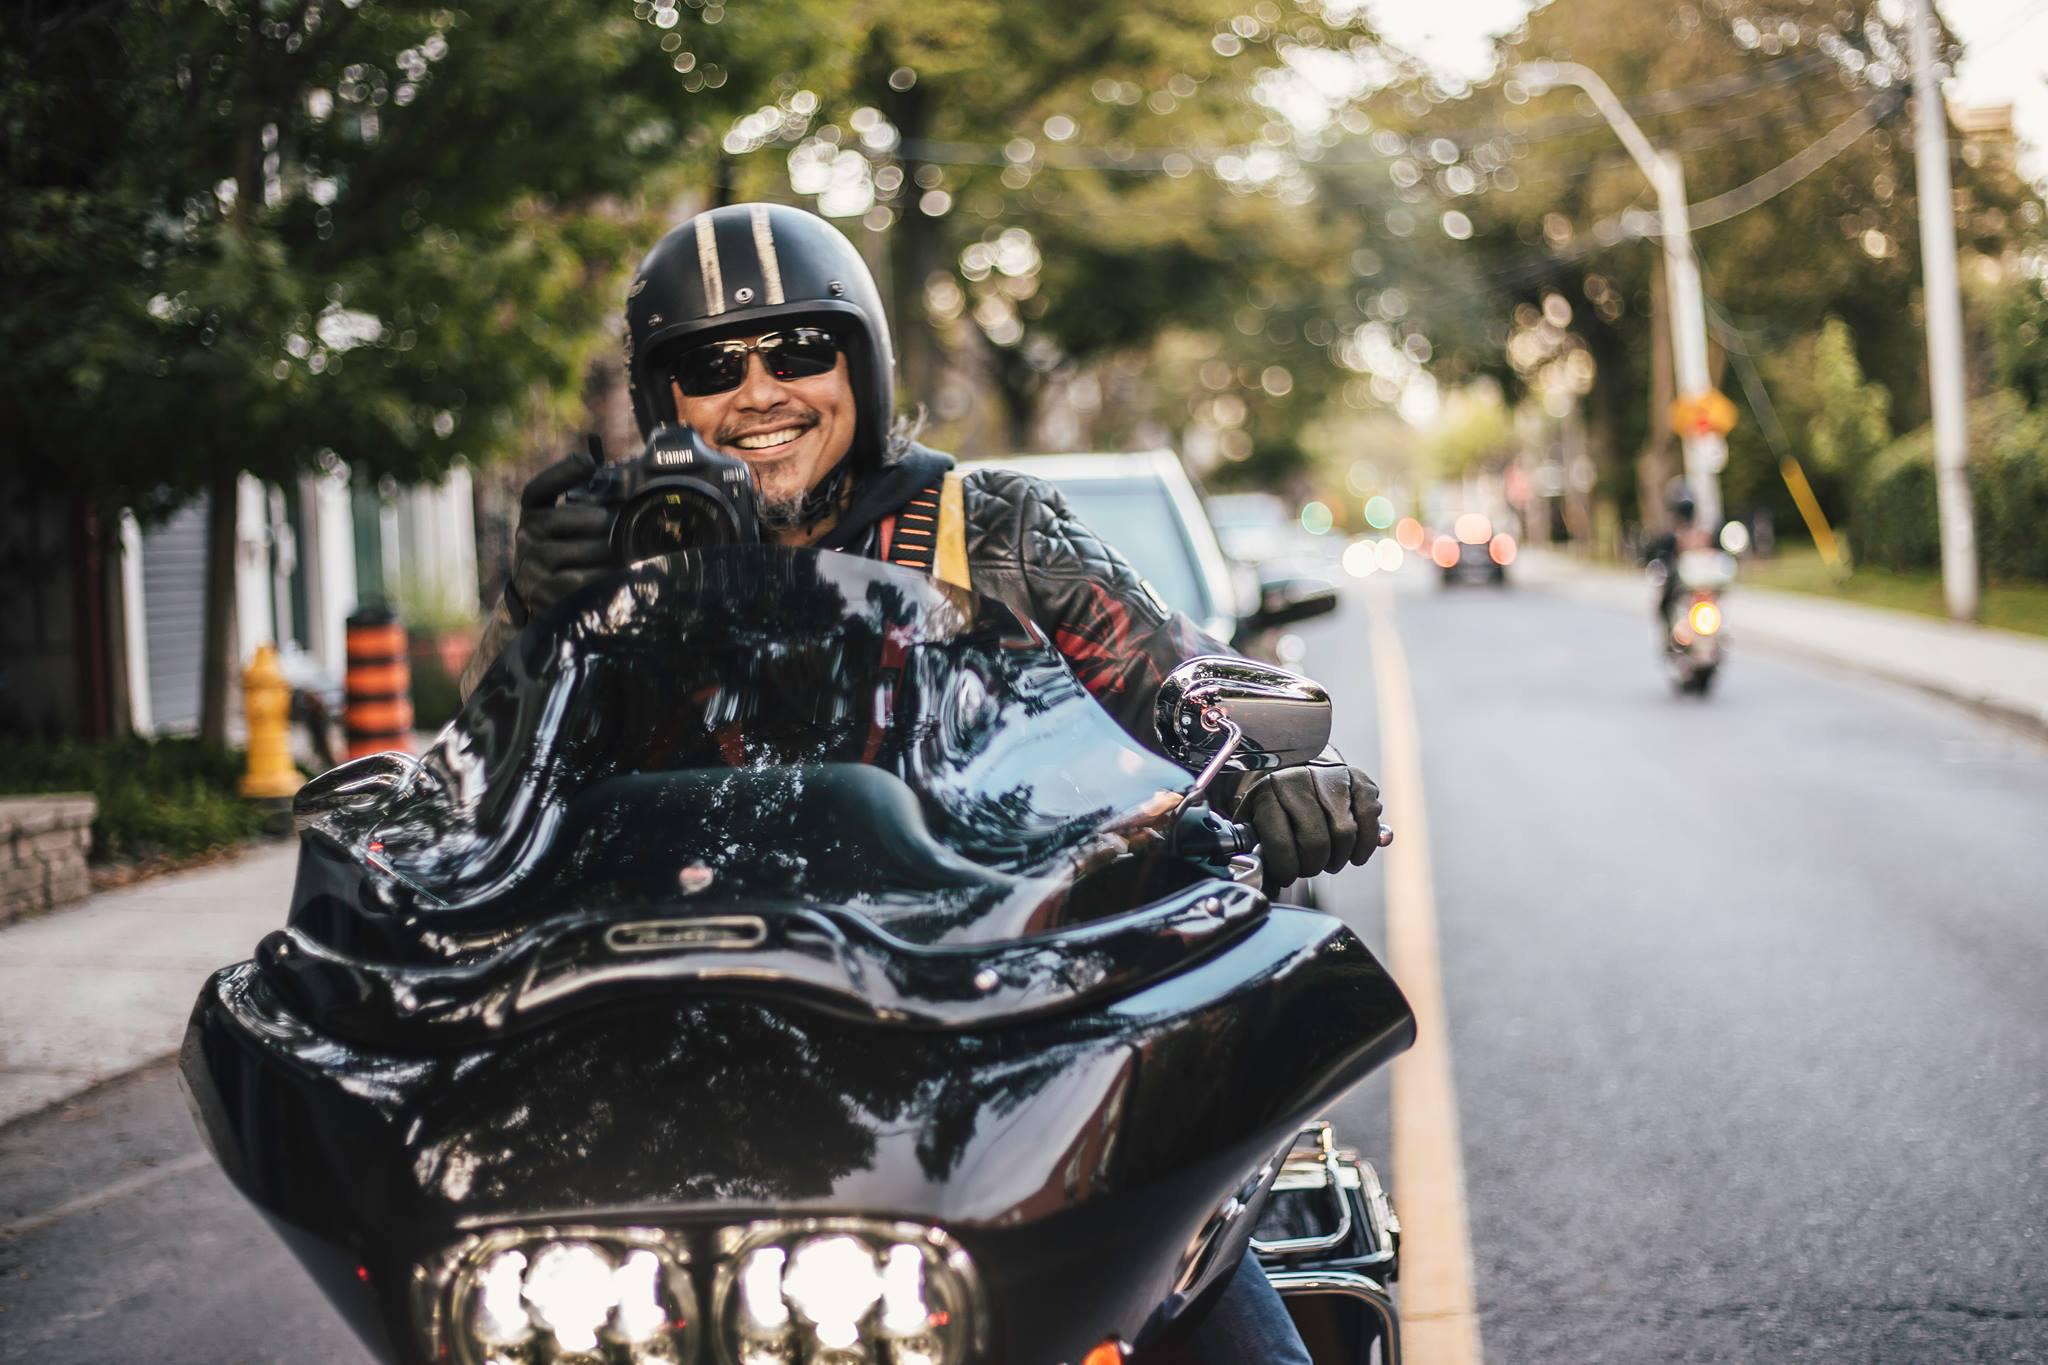 Dan's Ride | #TheMotoSocialTORONTO